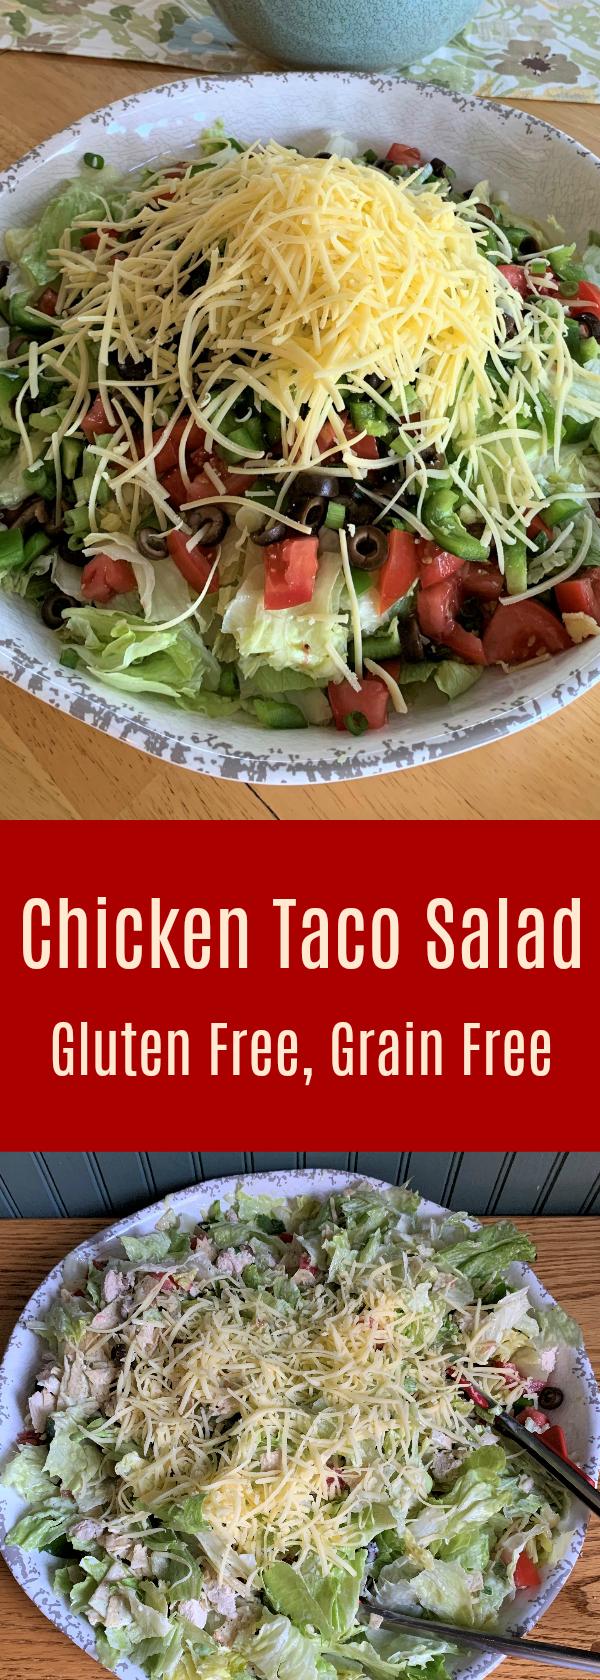 Chicken Taco Salad Grain Free Gluten Free